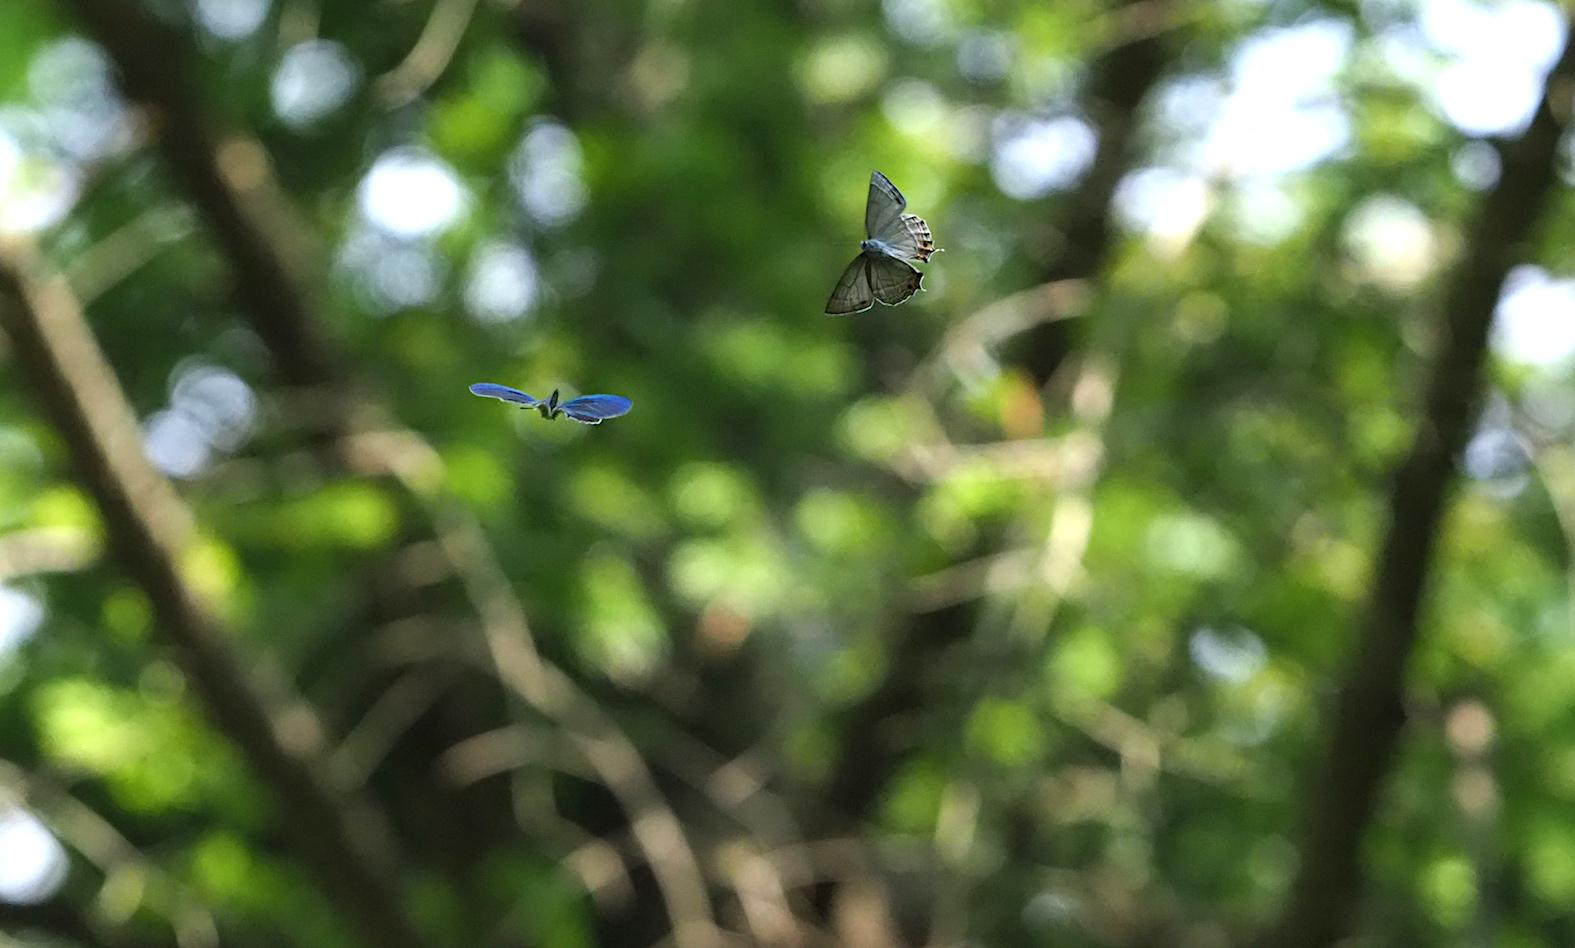 オオミドリシジミ三昧の日・その3 卍巴飛翔編(2018年6月7日)_d0303129_4273867.jpg